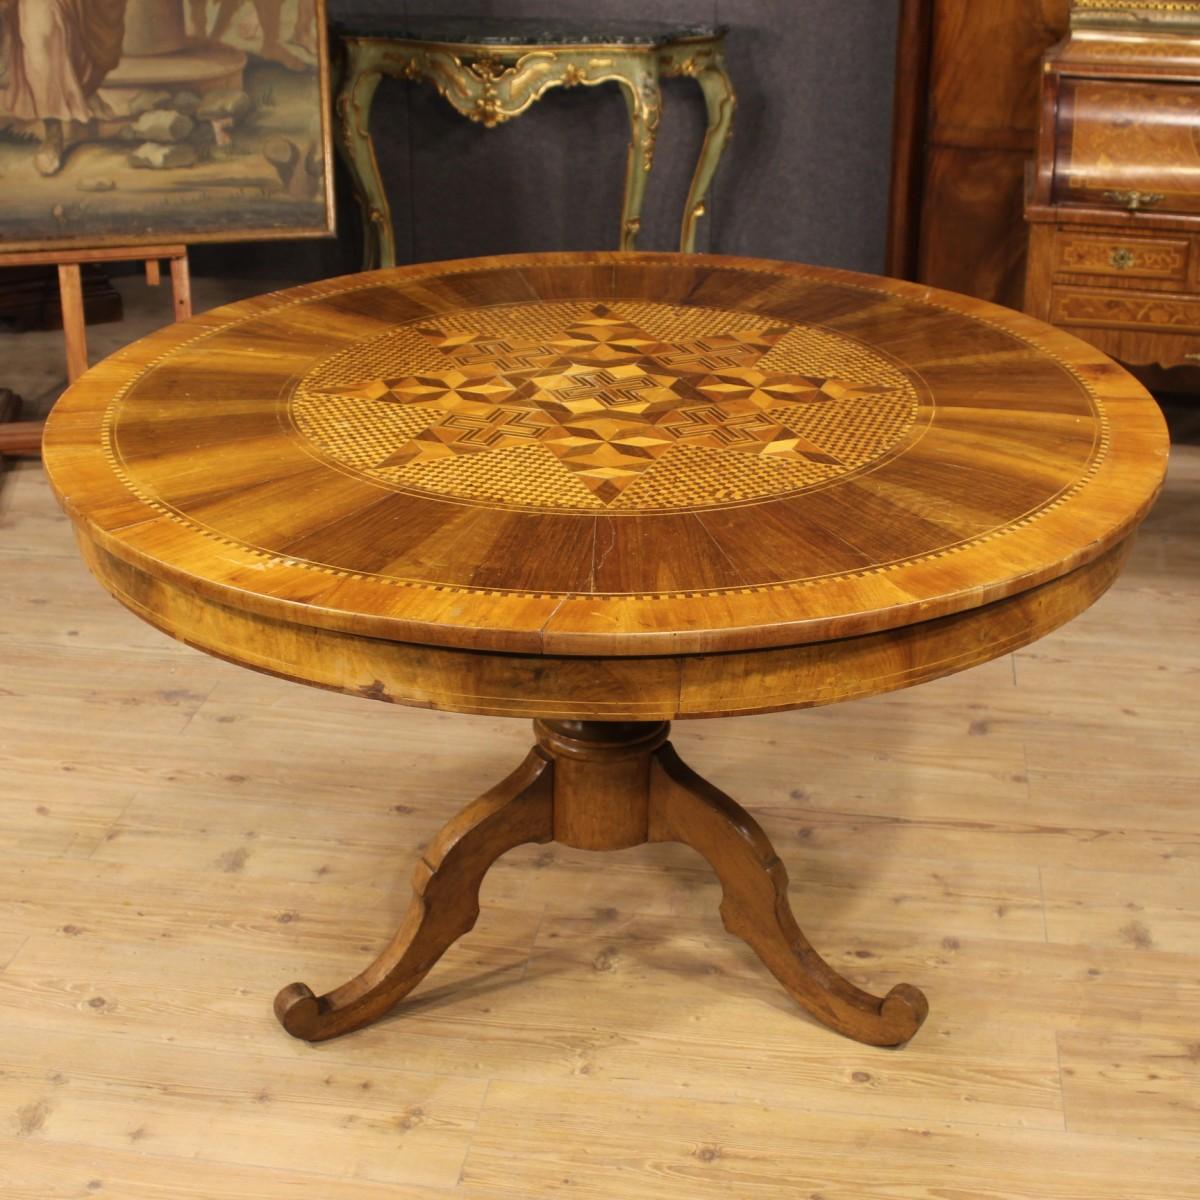 Tavolo italiano in legno scolpito e intarsiato del xix secolo for Tavolo legno intarsiato